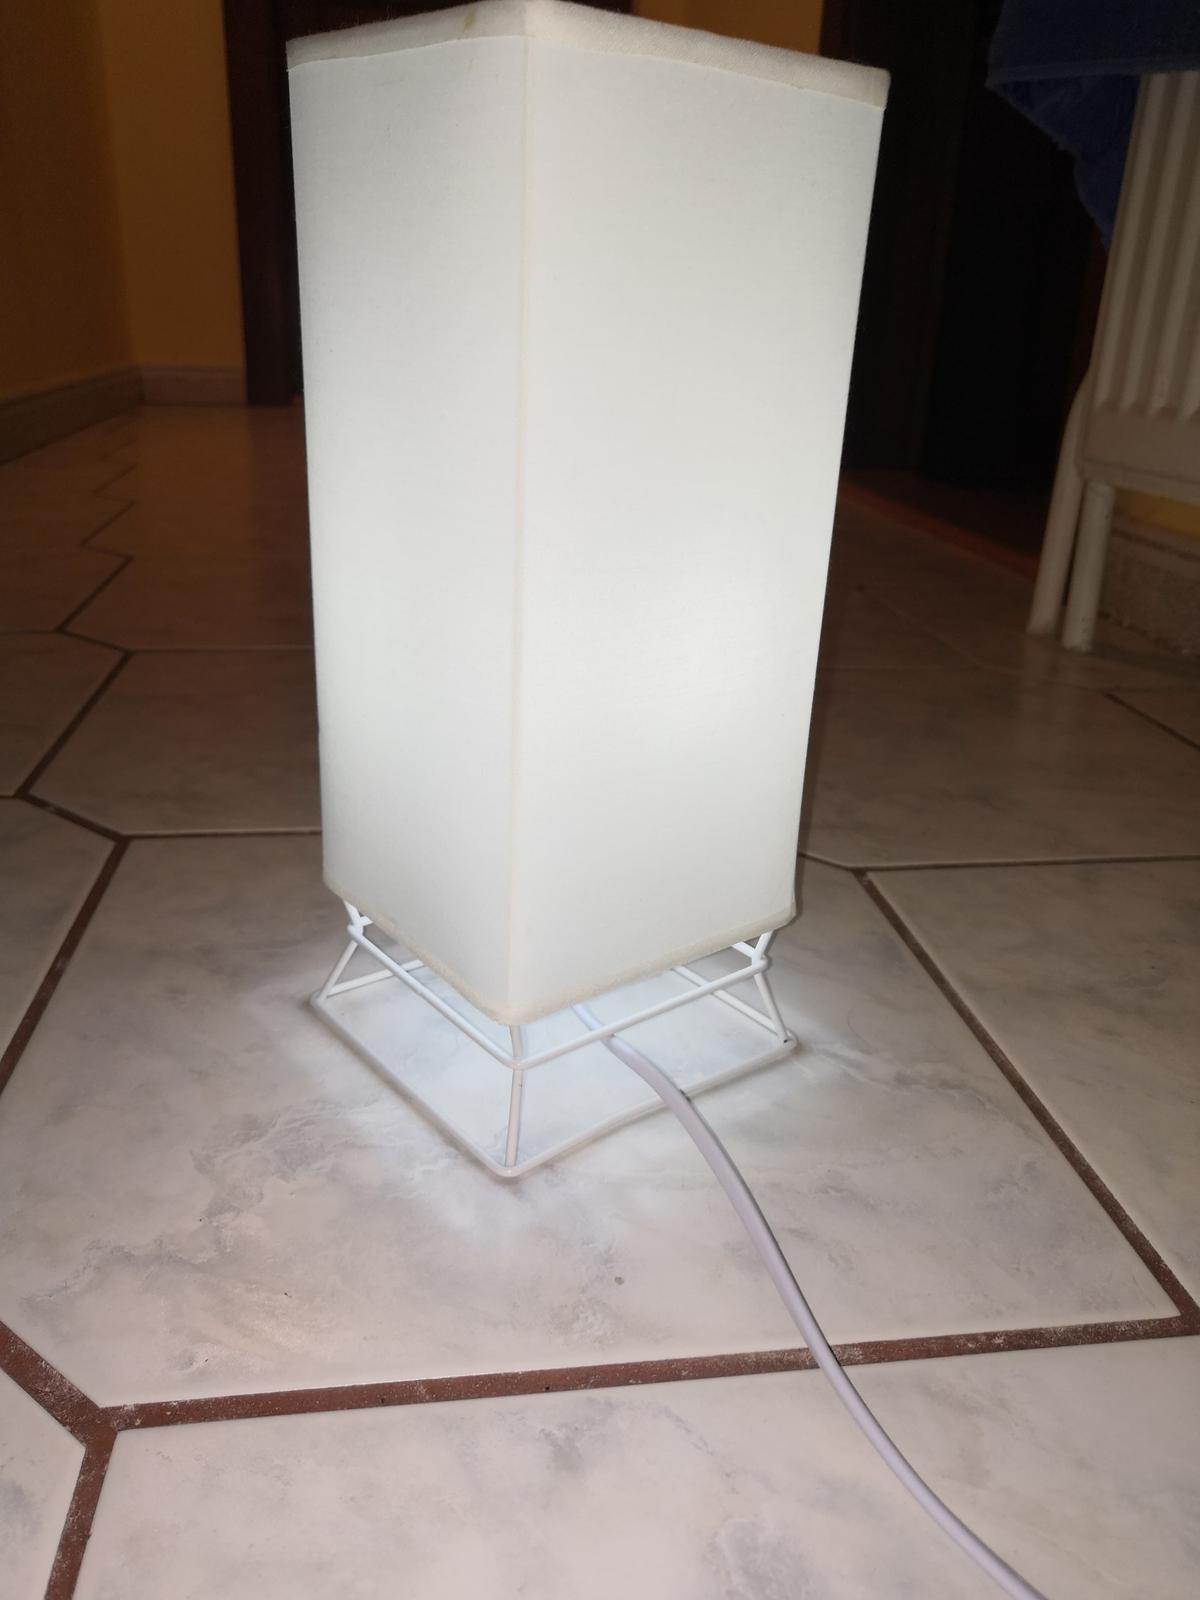 Svadobná lampa - Obrázok č. 1